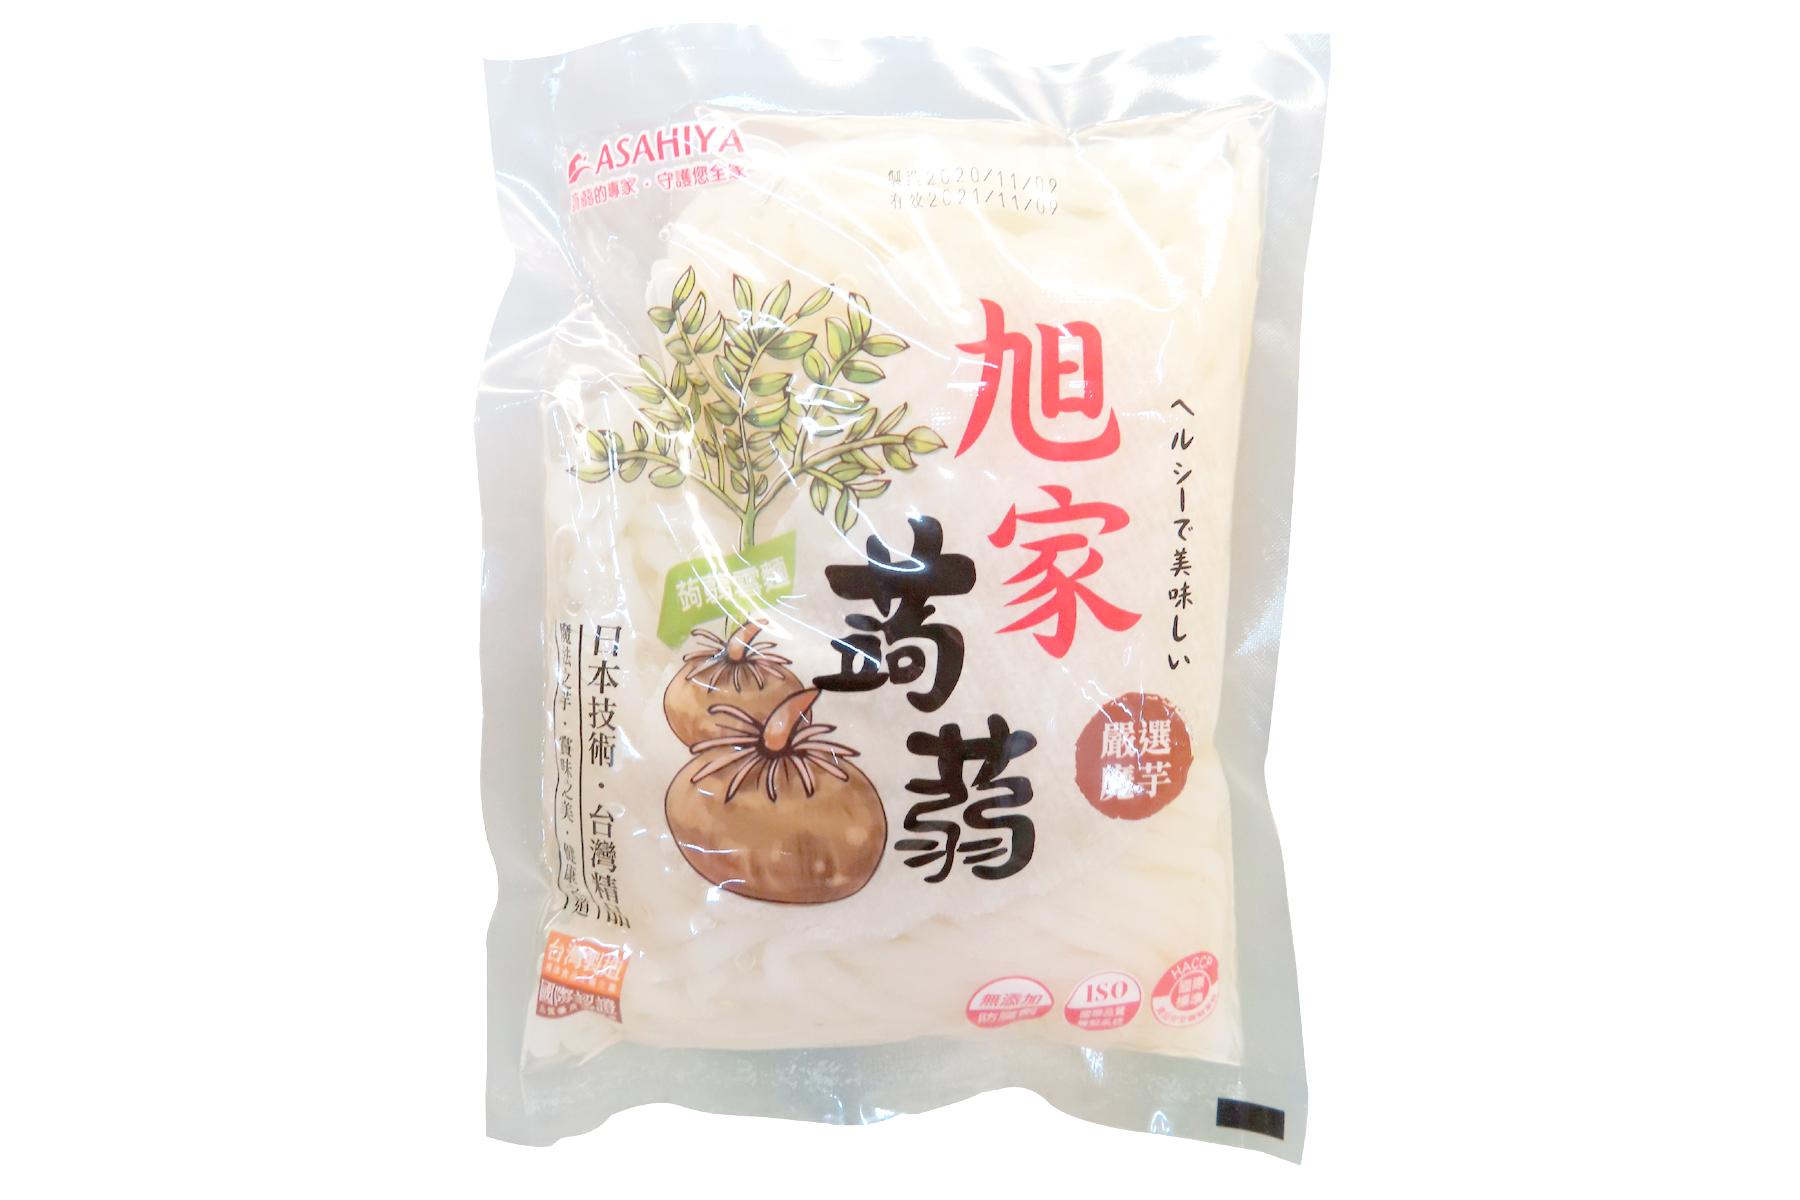 Image Konjac Snow Noodles 旭家 - 蒟弱雪面 300grams